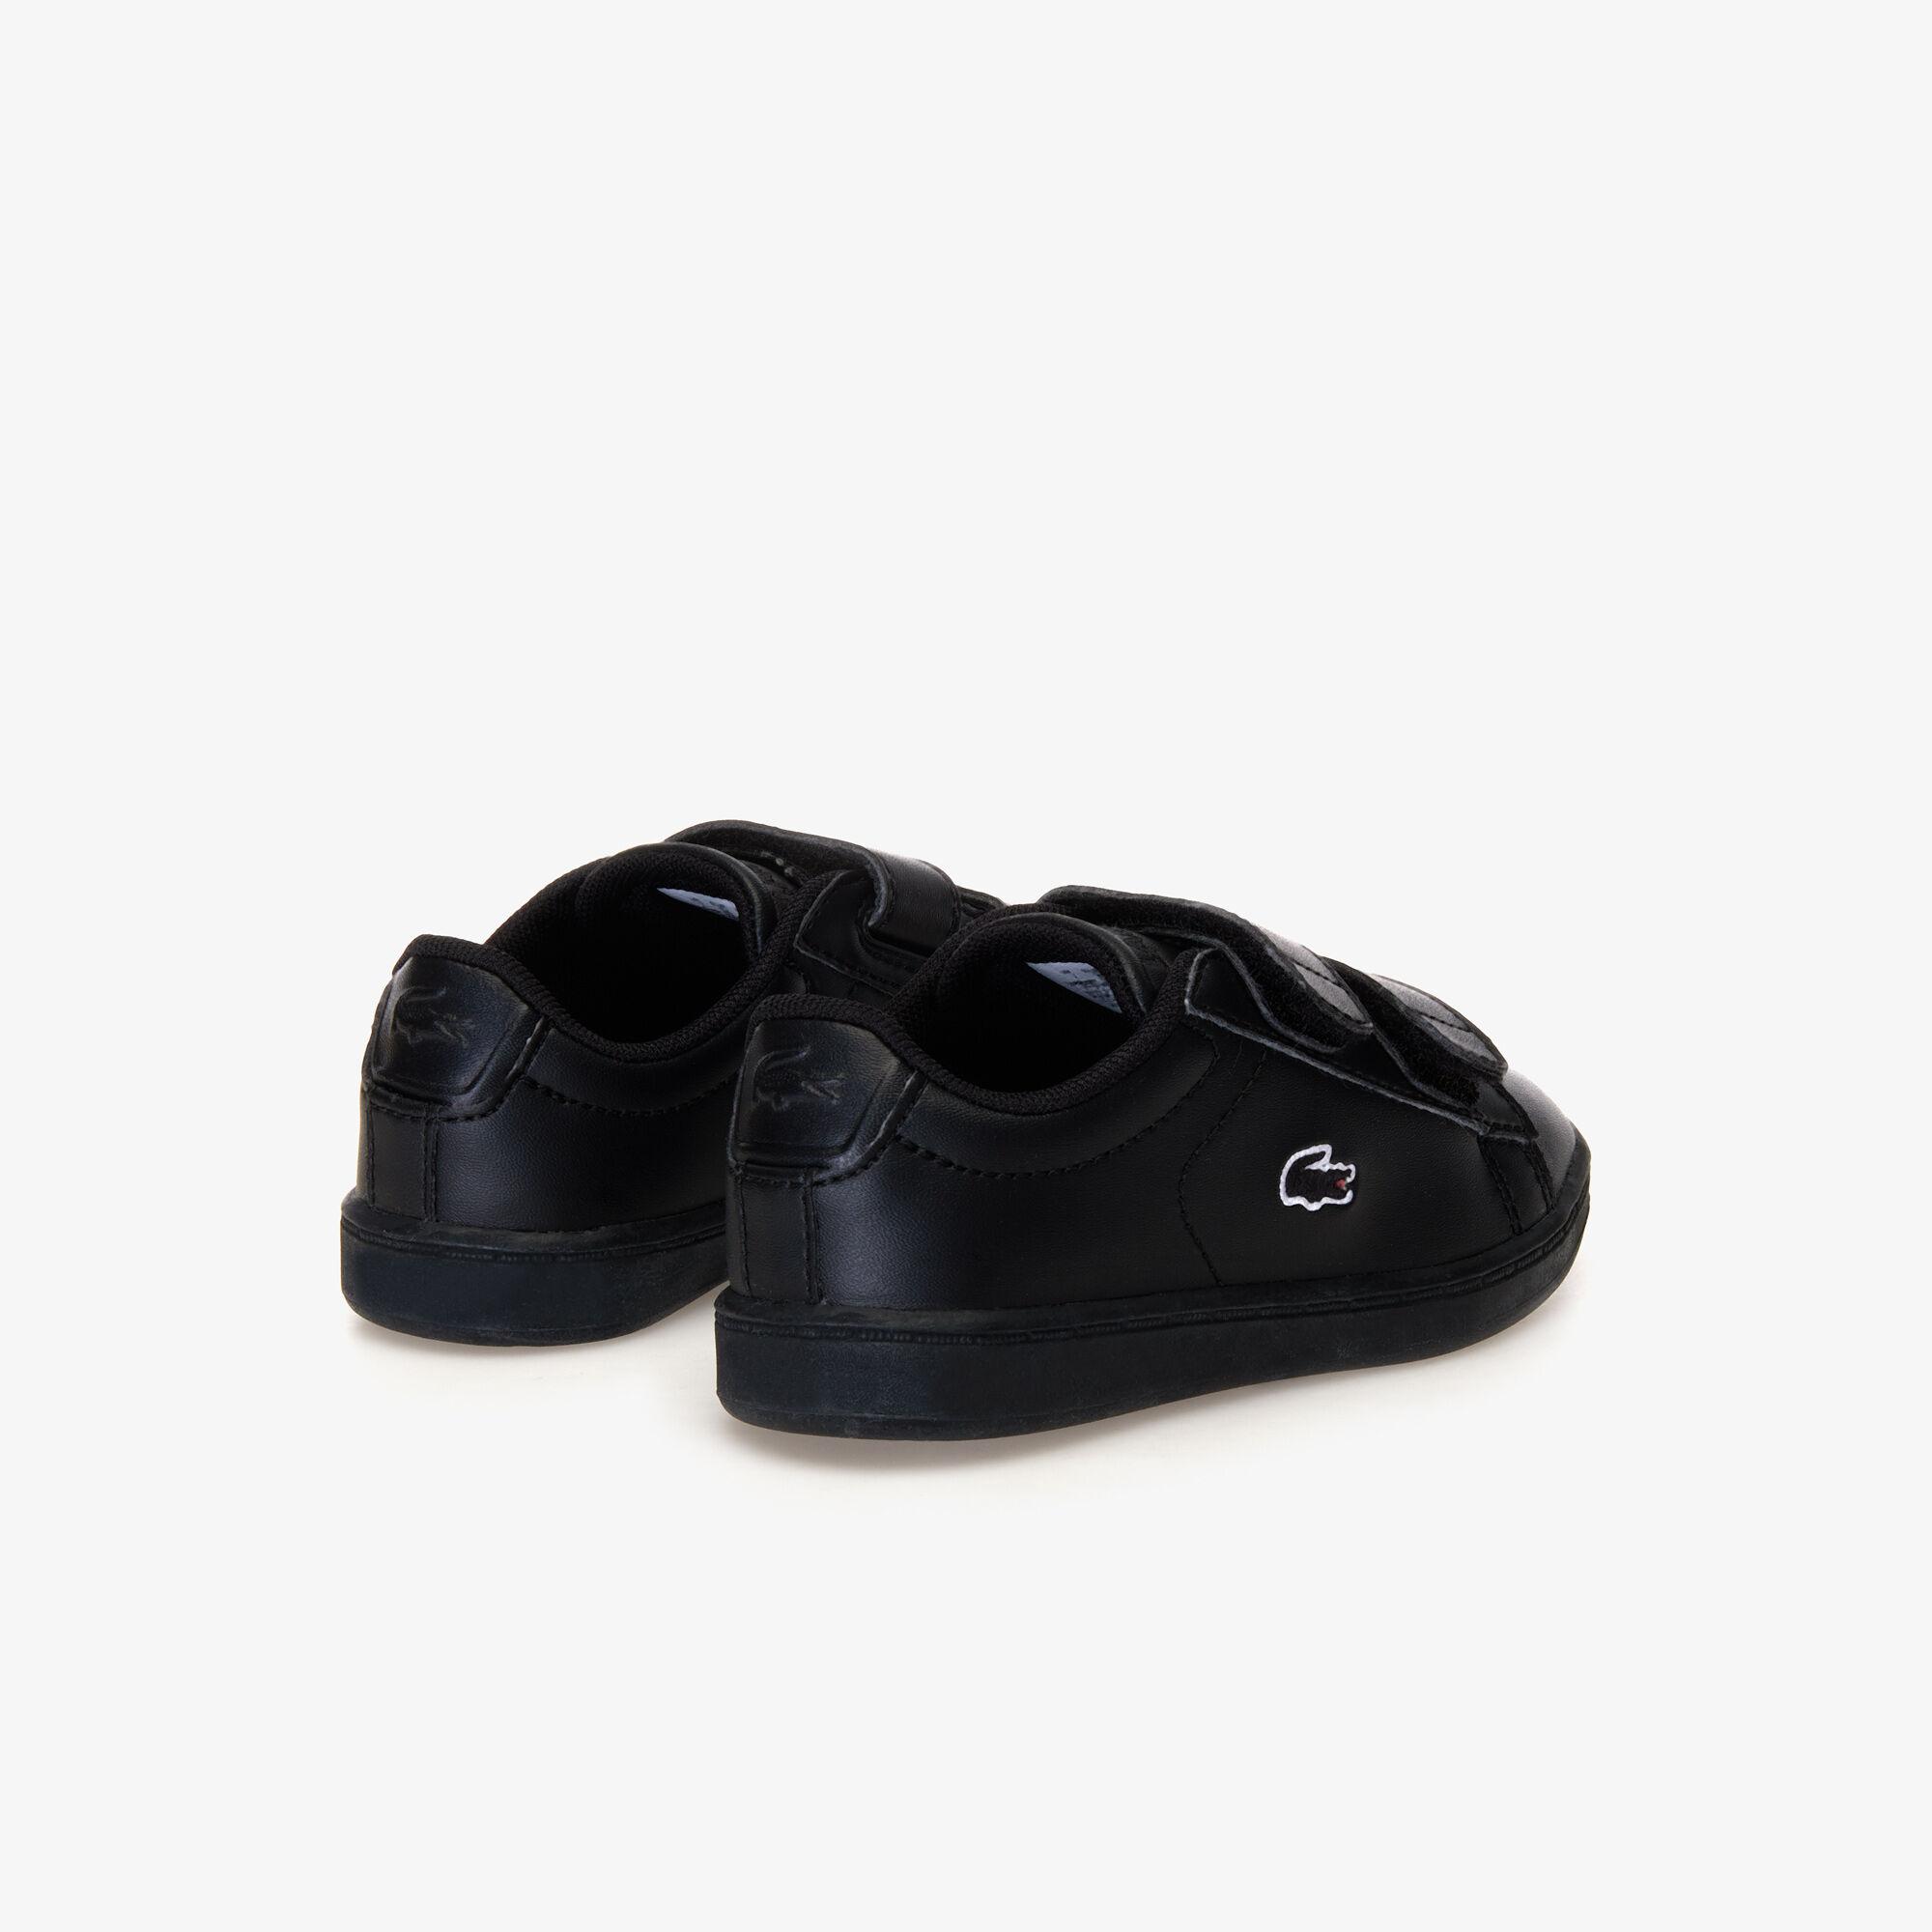 حذاء رياضي للأطفال من مواد اصطناعية وبطانة من النسيج الشبكي بلون متناغم من مجموعة Carnaby Evo